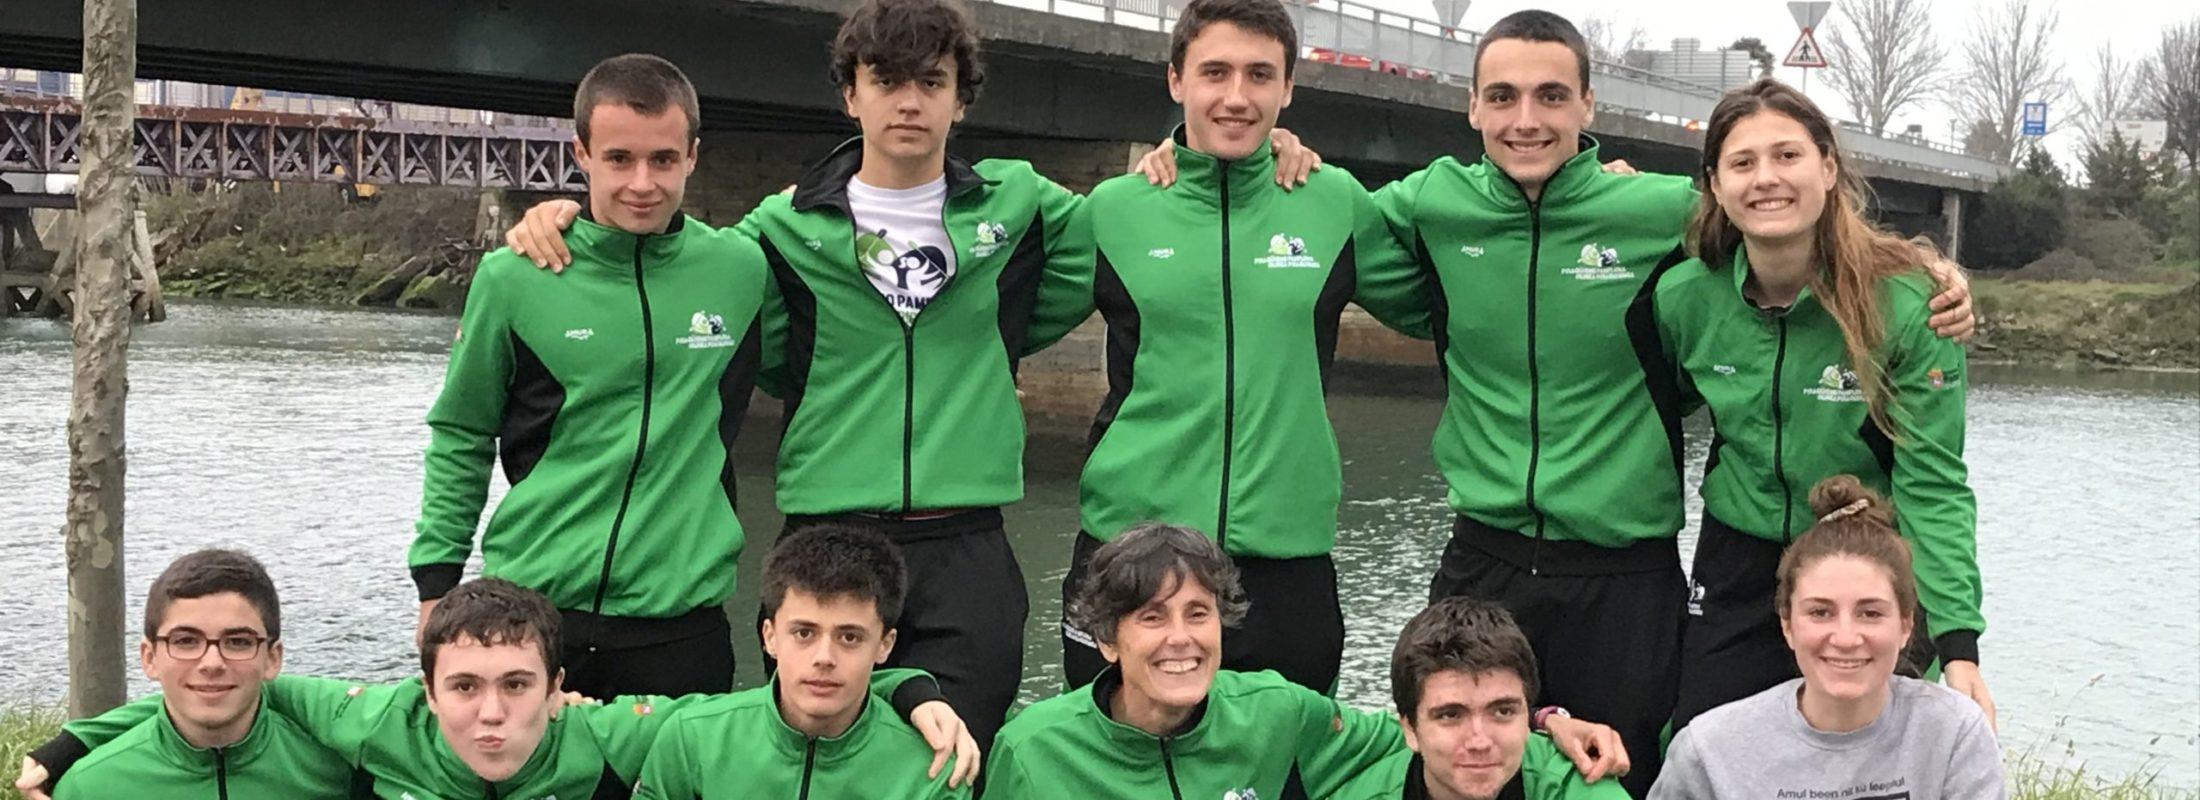 Moisés Grijalba San Julián e Ibai Tolosa Gómez primeros en el Campeonato de Gipuzkoa de Invierno